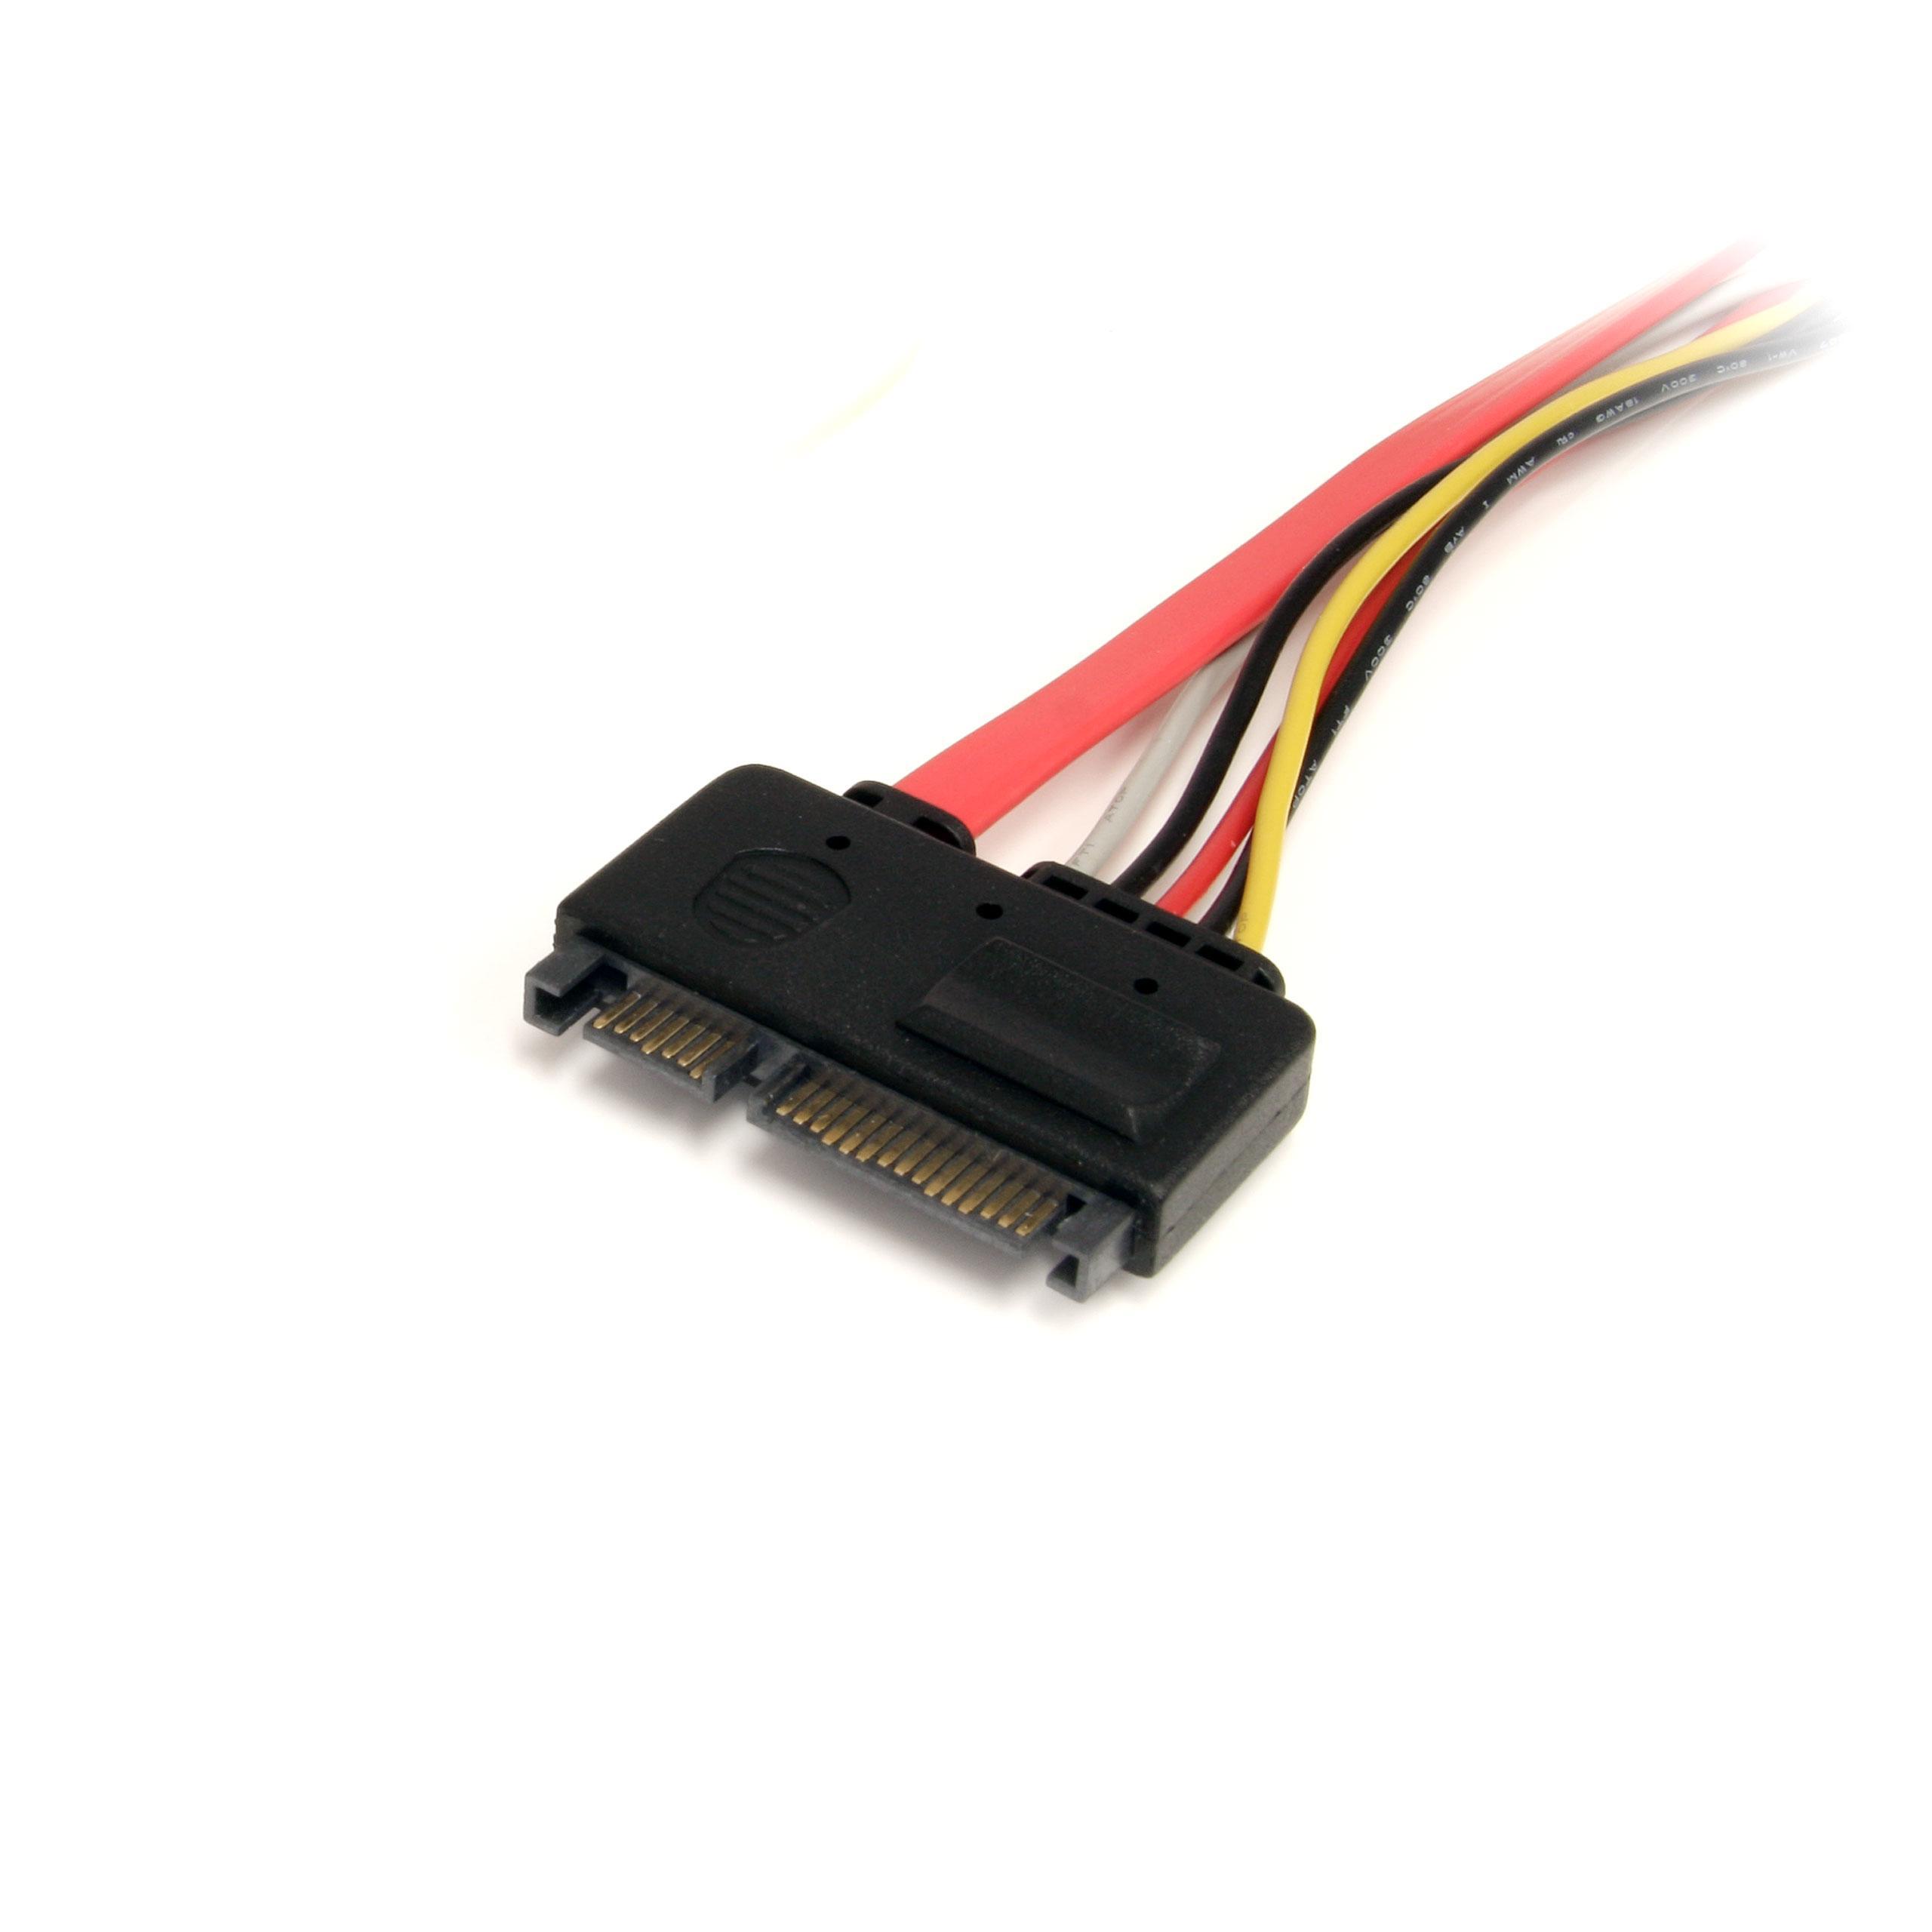 StarTech.com SATA22PEXT - Cable de extensión SATA 22 Pines